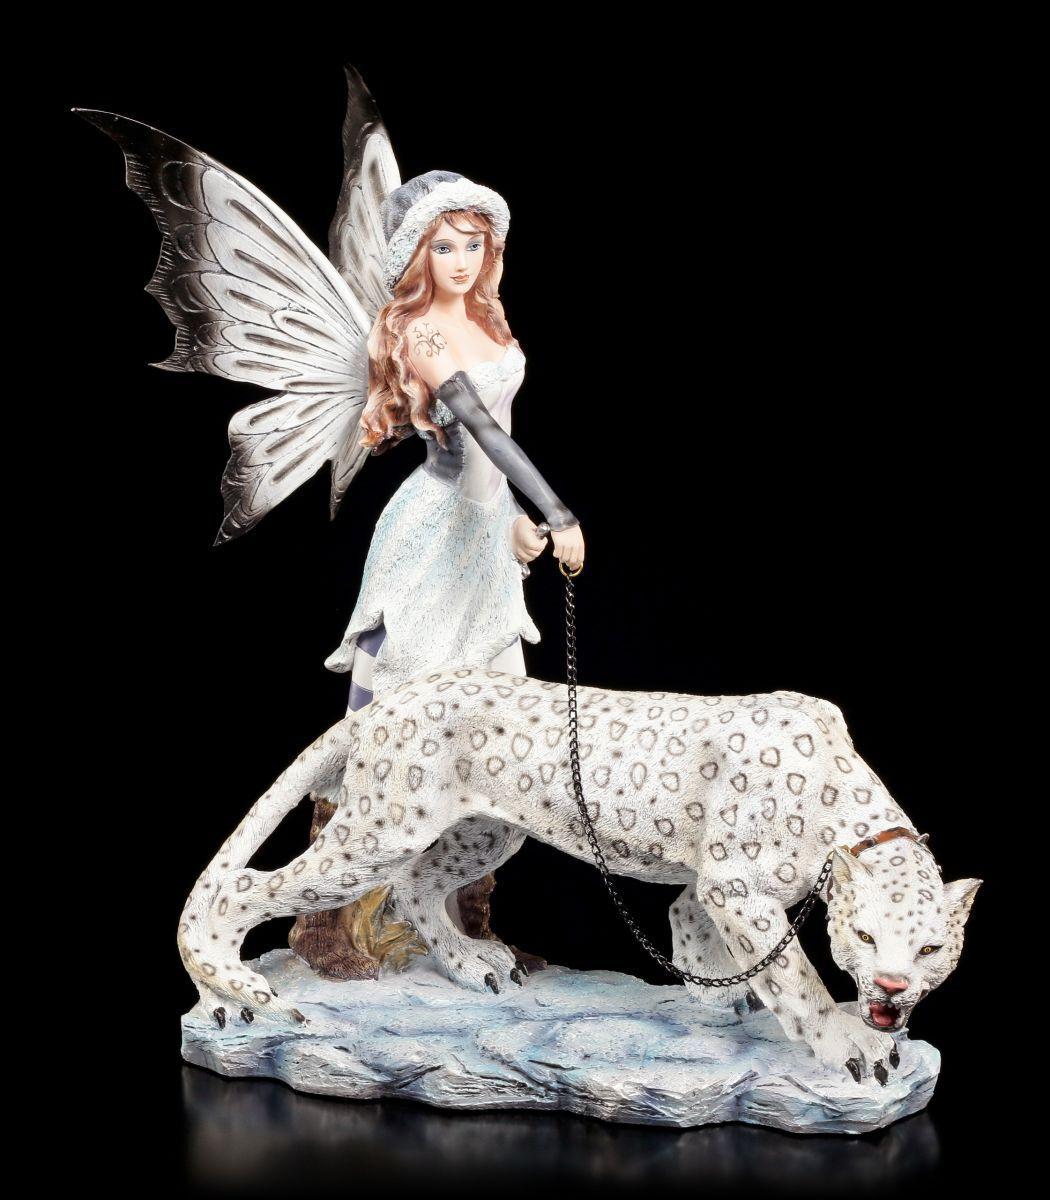 Figura Elfos con Schnee-Leopard - Estátua Estátua Estátua Decorativa Hadas Fantasía Compañero 26c62c